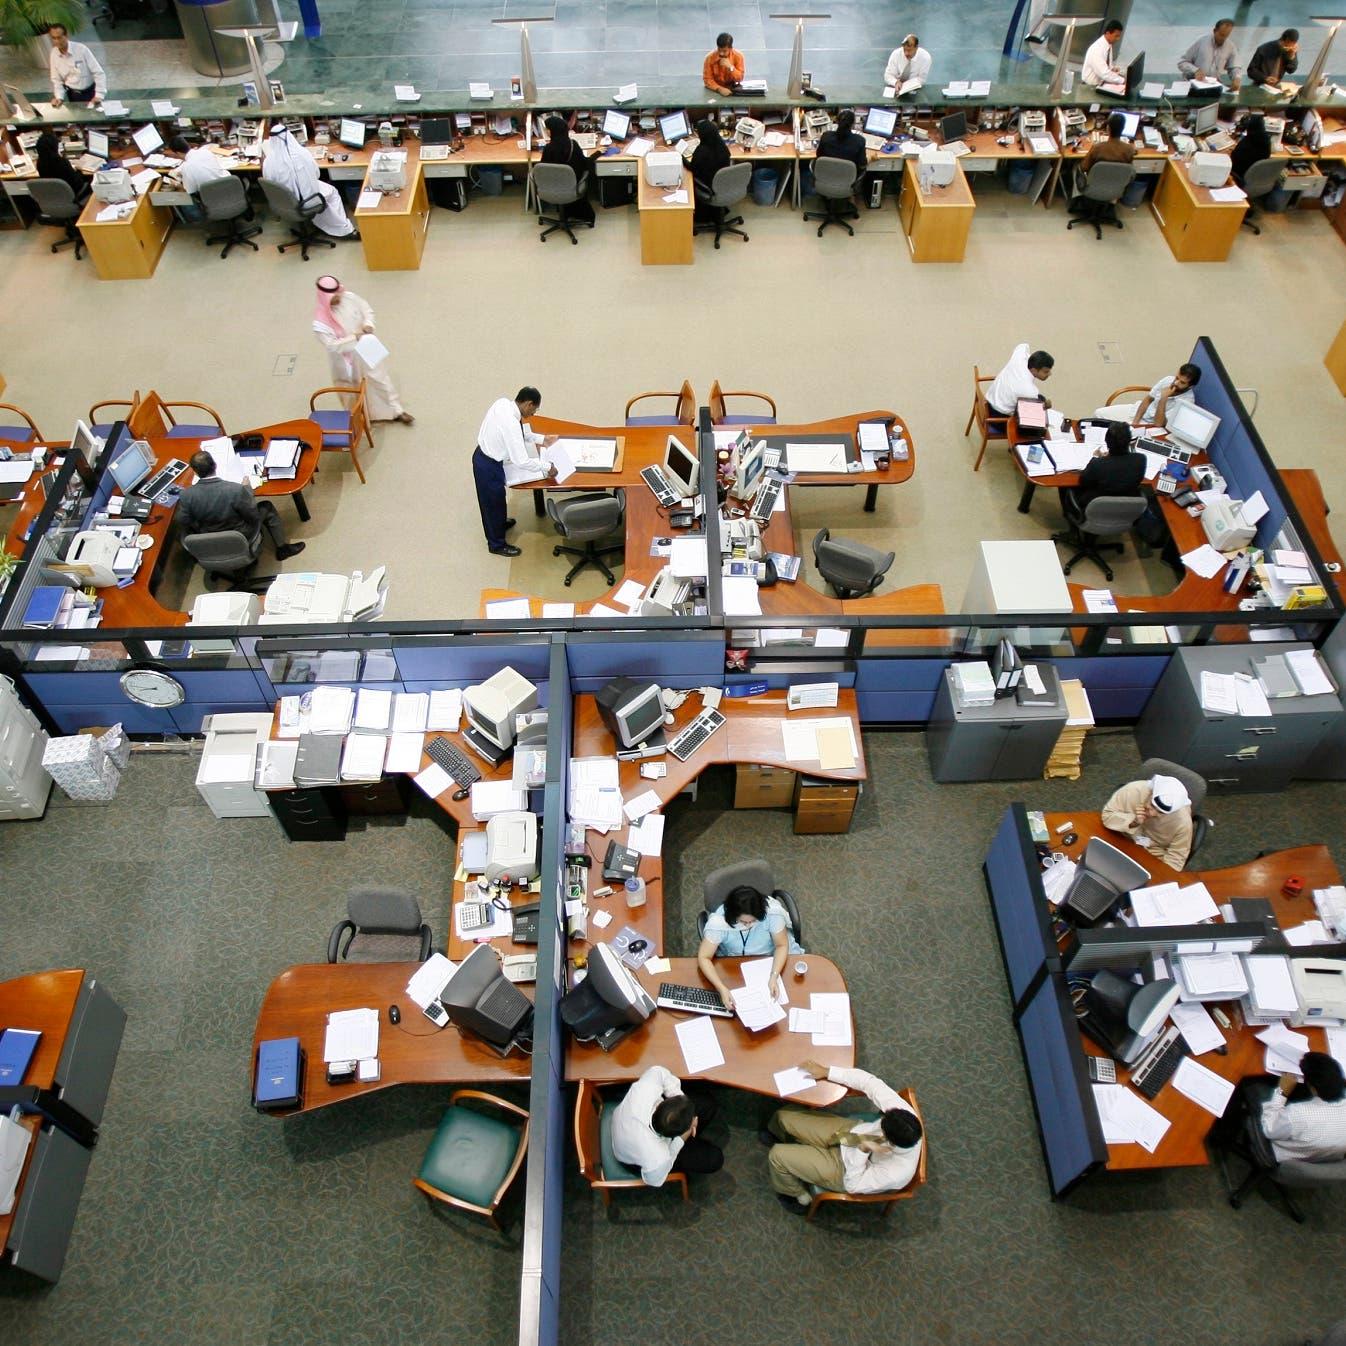 دراسة: 70% من وظائف العالم بالشركات الصغيرة